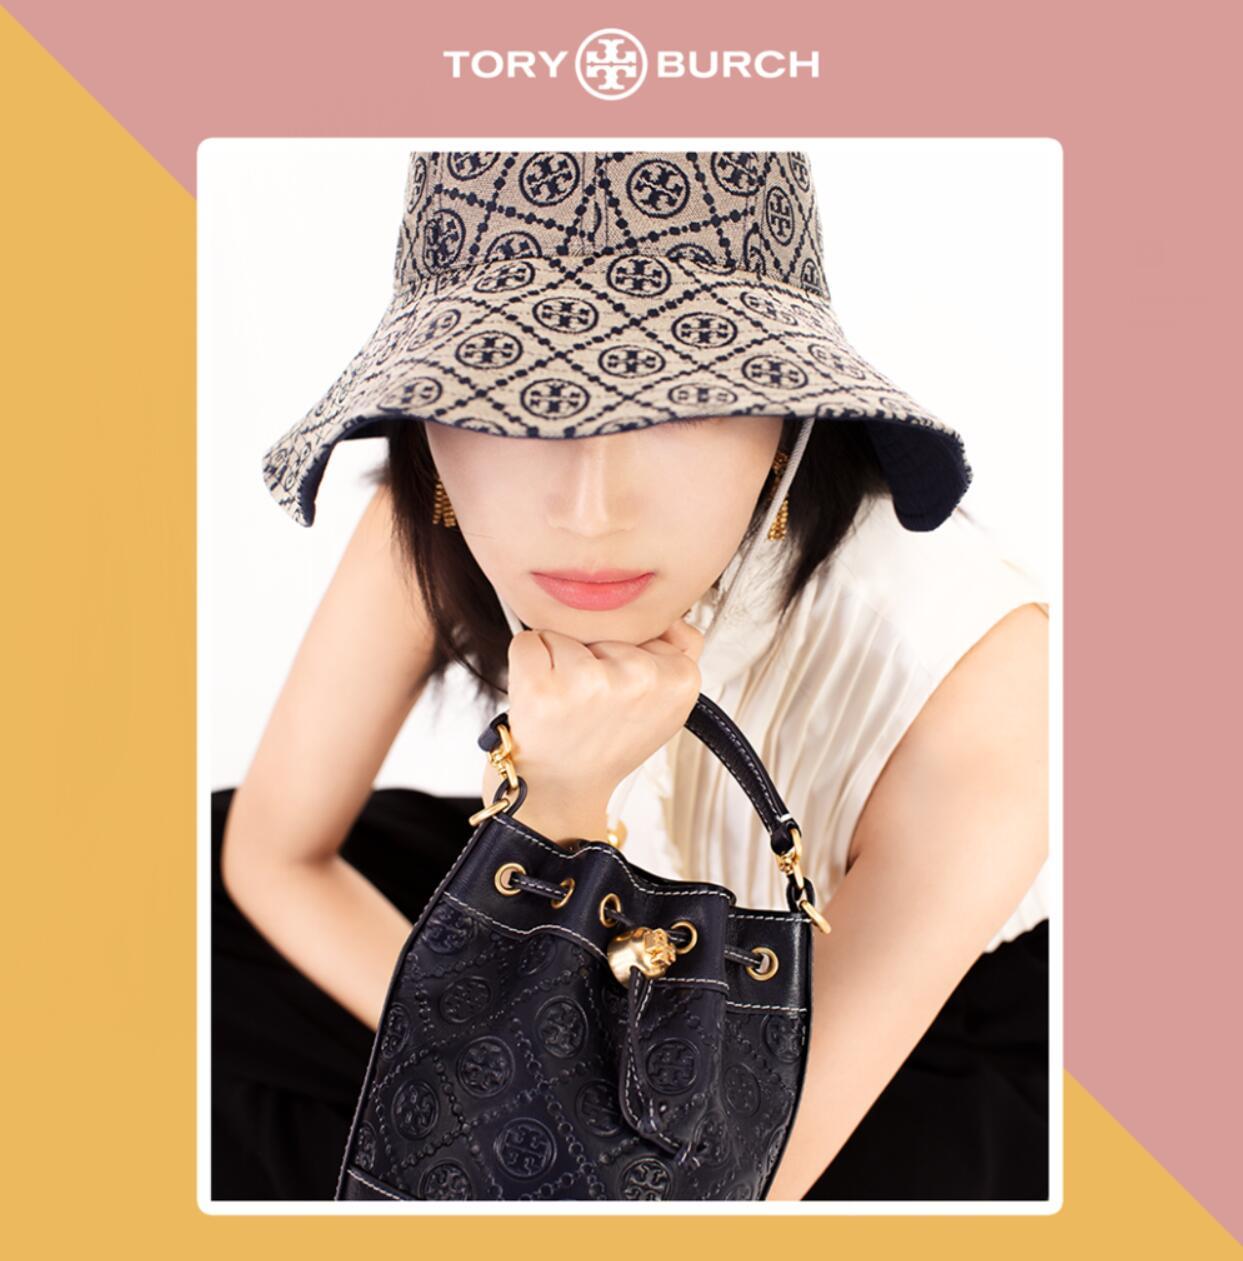 王紫璇《嘉人》X Tory Burch时尚大片 展现双面自我